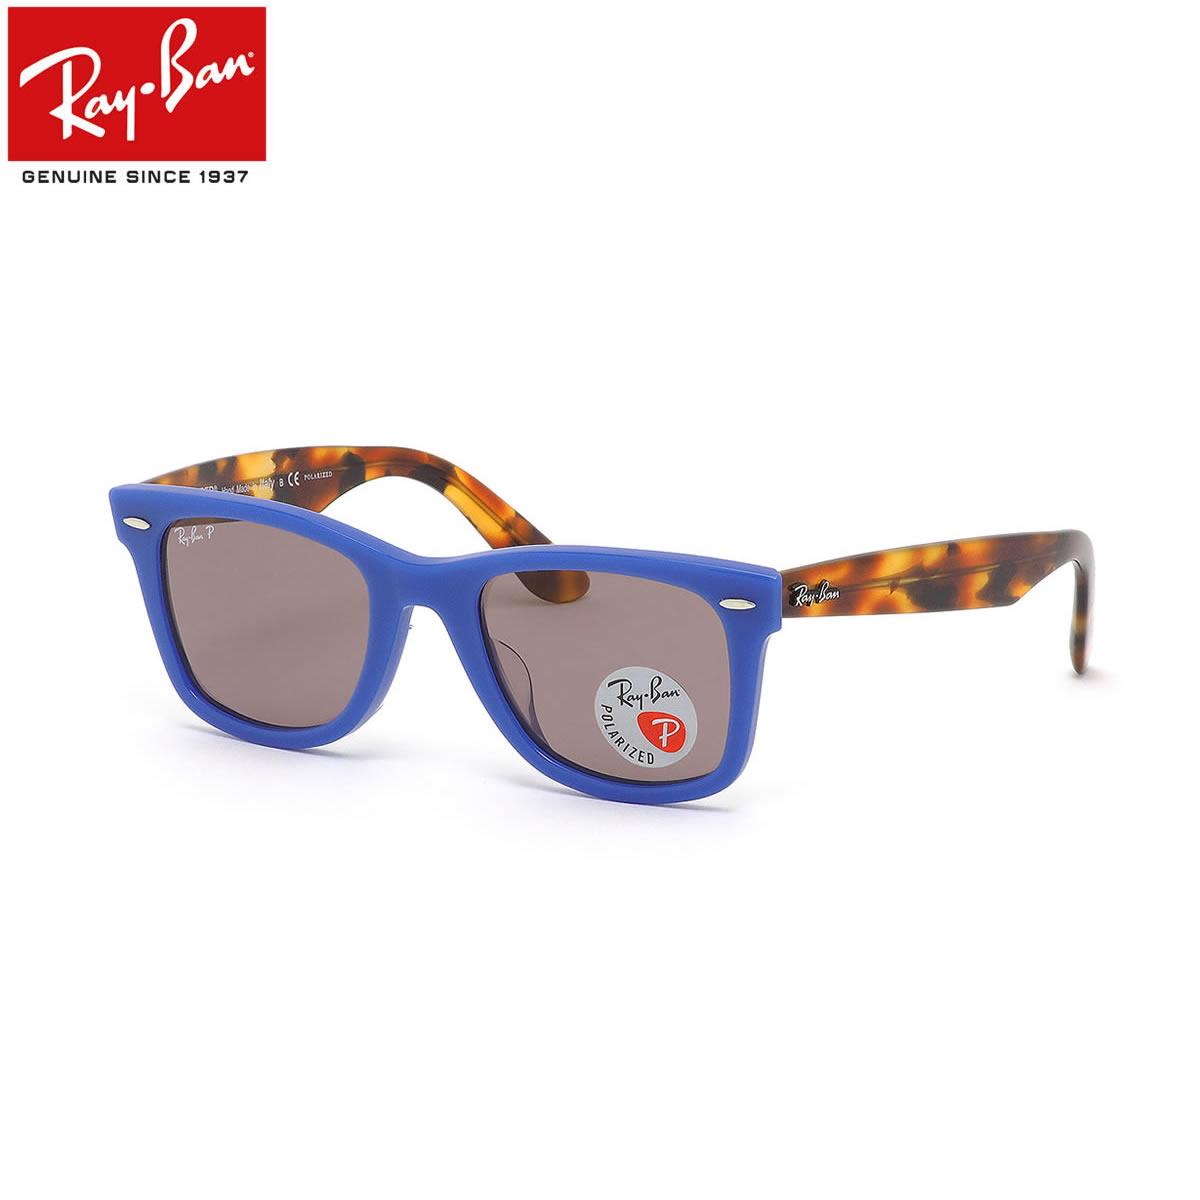 【10月30日からエントリーで全品ポイント20倍】Ray-Ban レイバン サングラスRB2140F 1241W0 52サイズ 54サイズオリジナルウェイファーラーBICOLOR フルフィット 偏光レンズ ポラライズドメンズ レディース